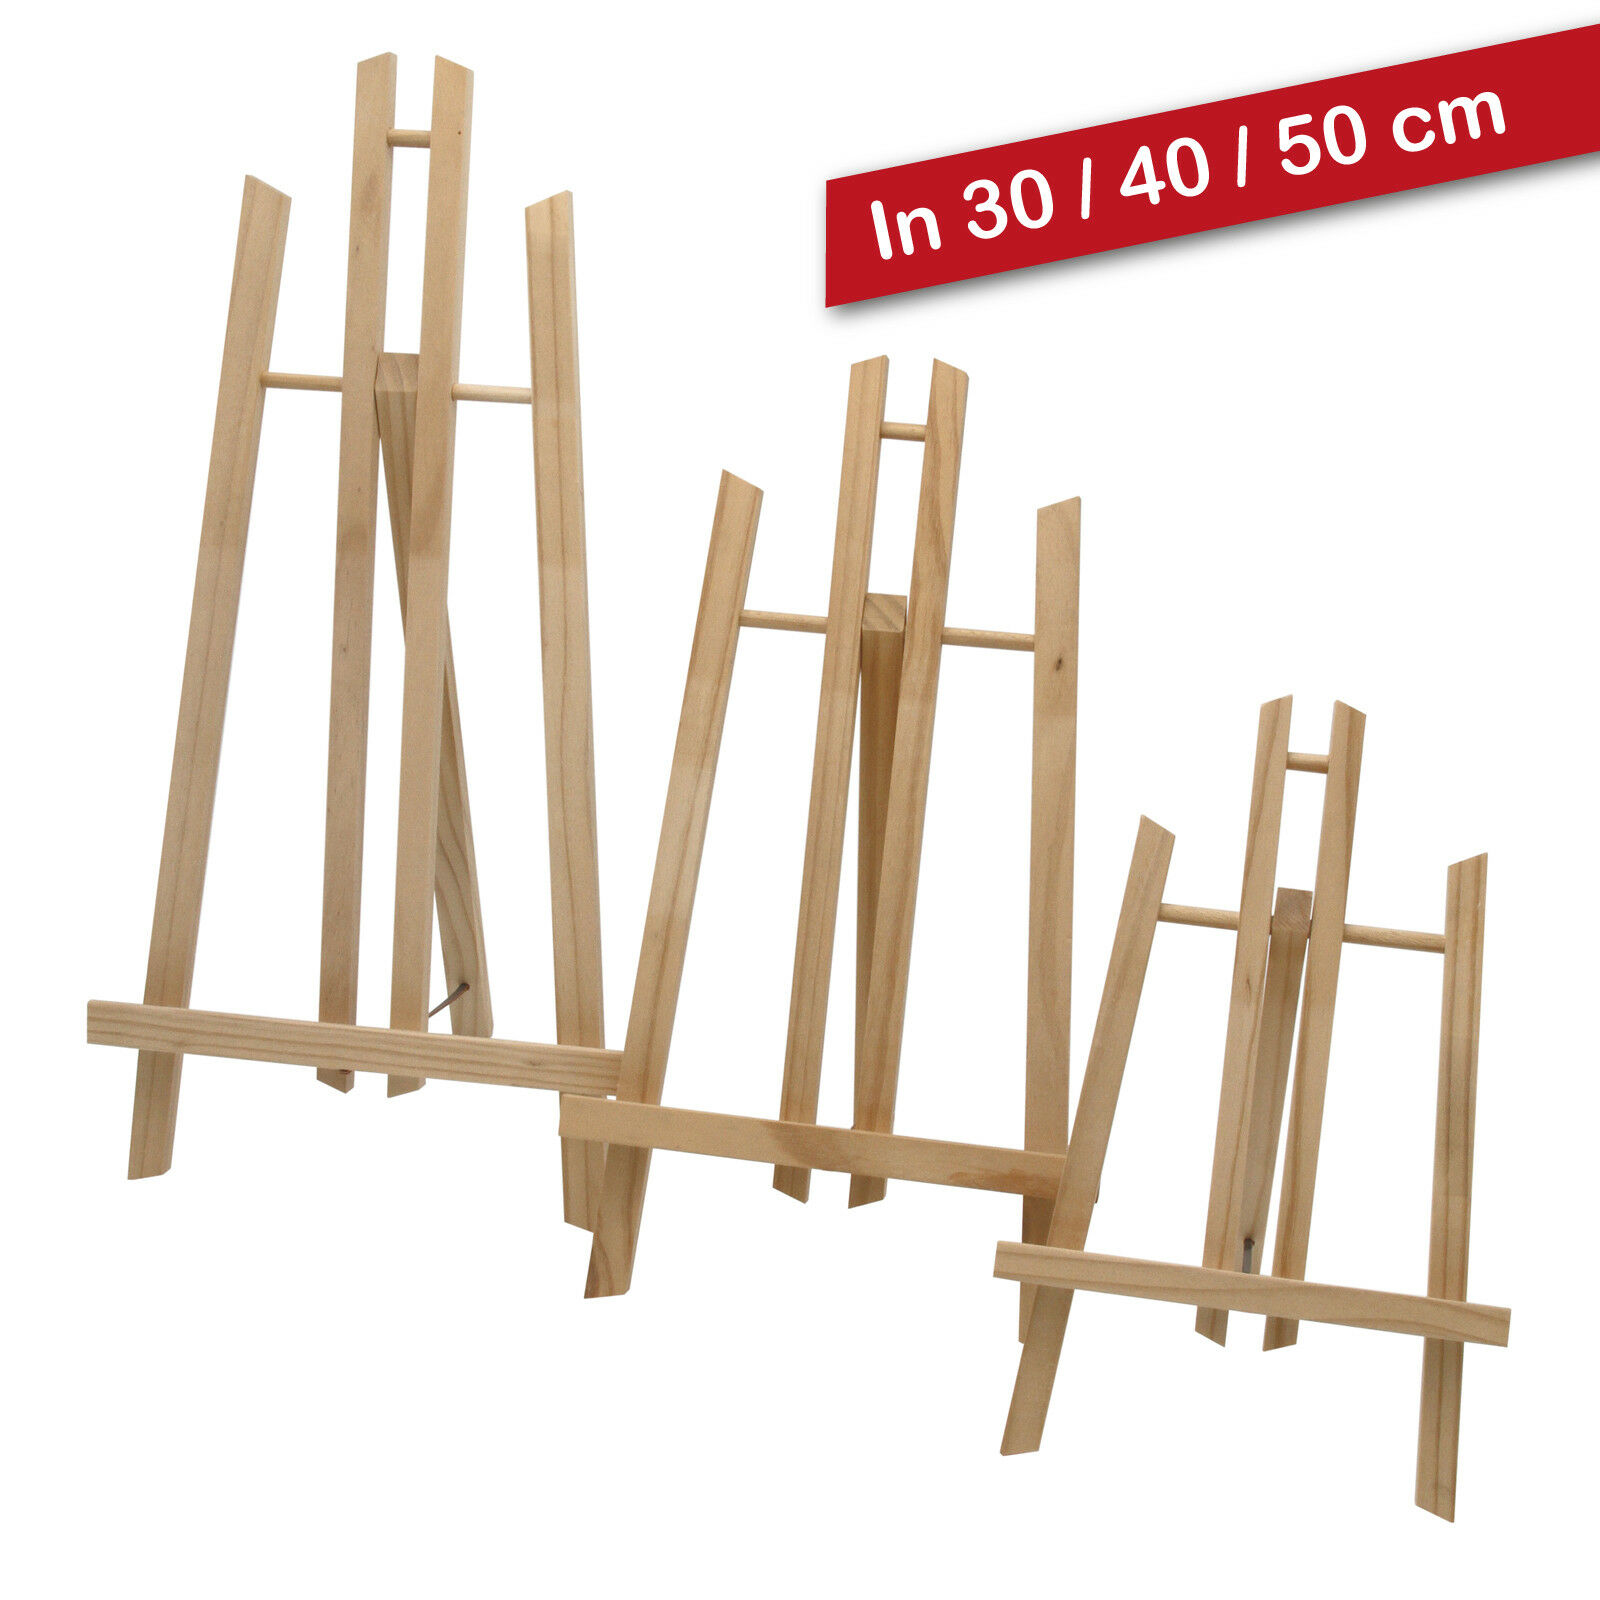 Display-/ Tischstaffelei 30-50 cm hoch, Sitz-Staffeleien, Bildhalter, Deko, Kiga